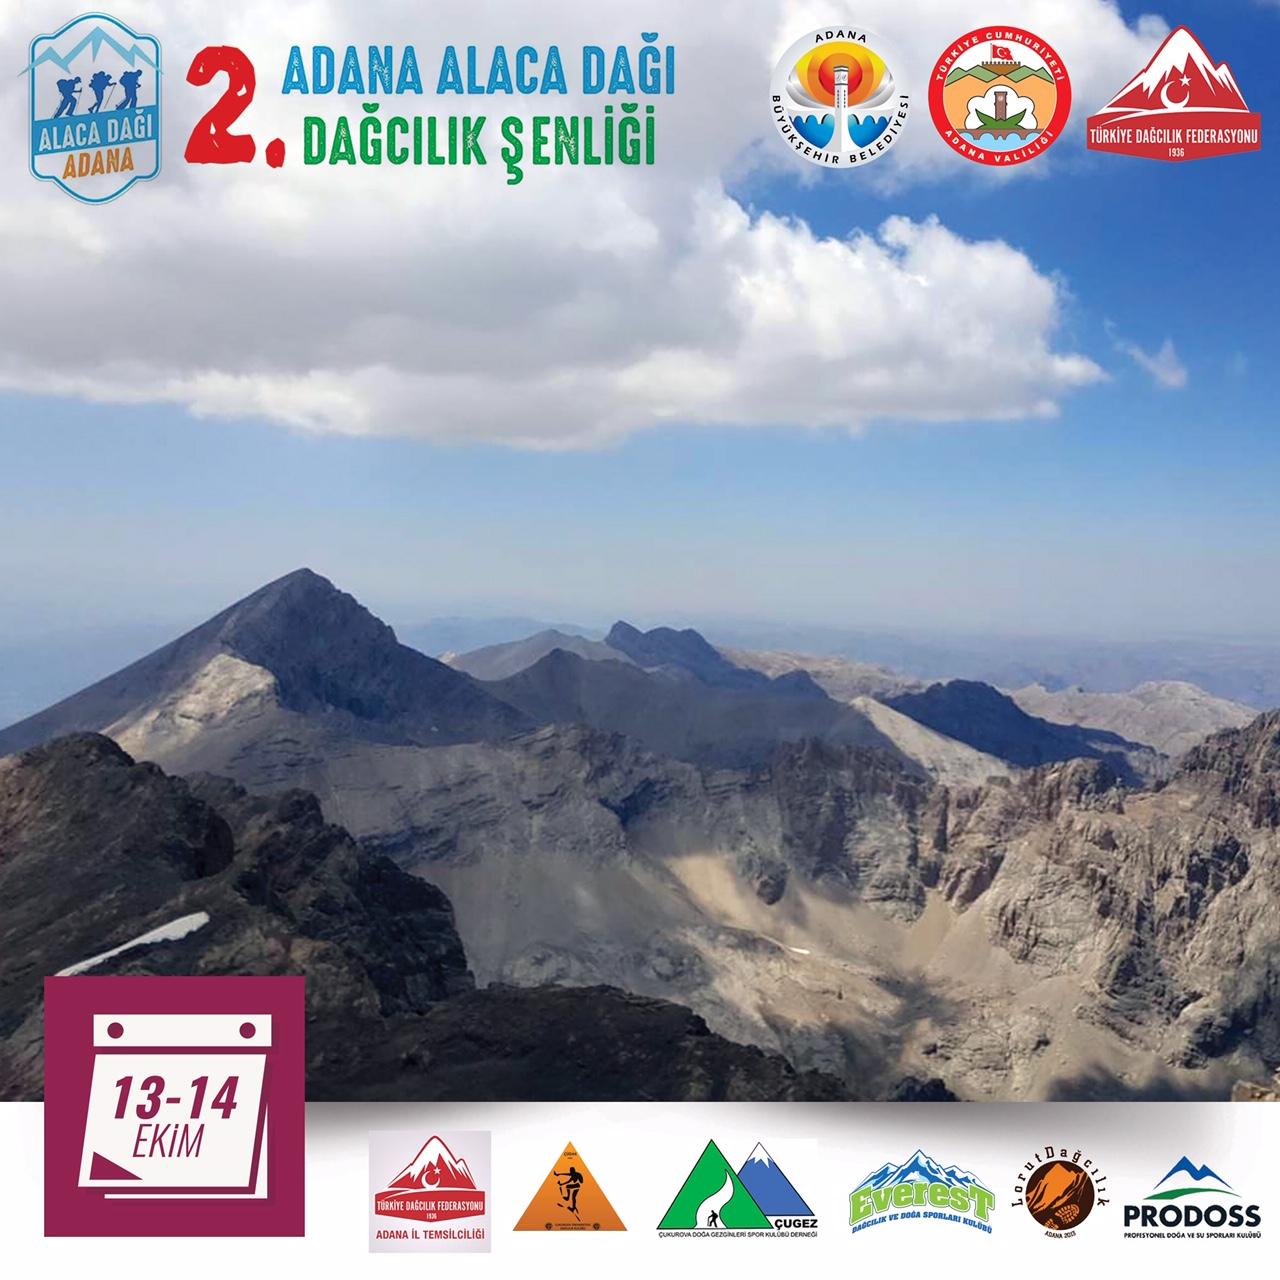 2. Adana Alaca Dağı Dağcılık Şenliği Daveti